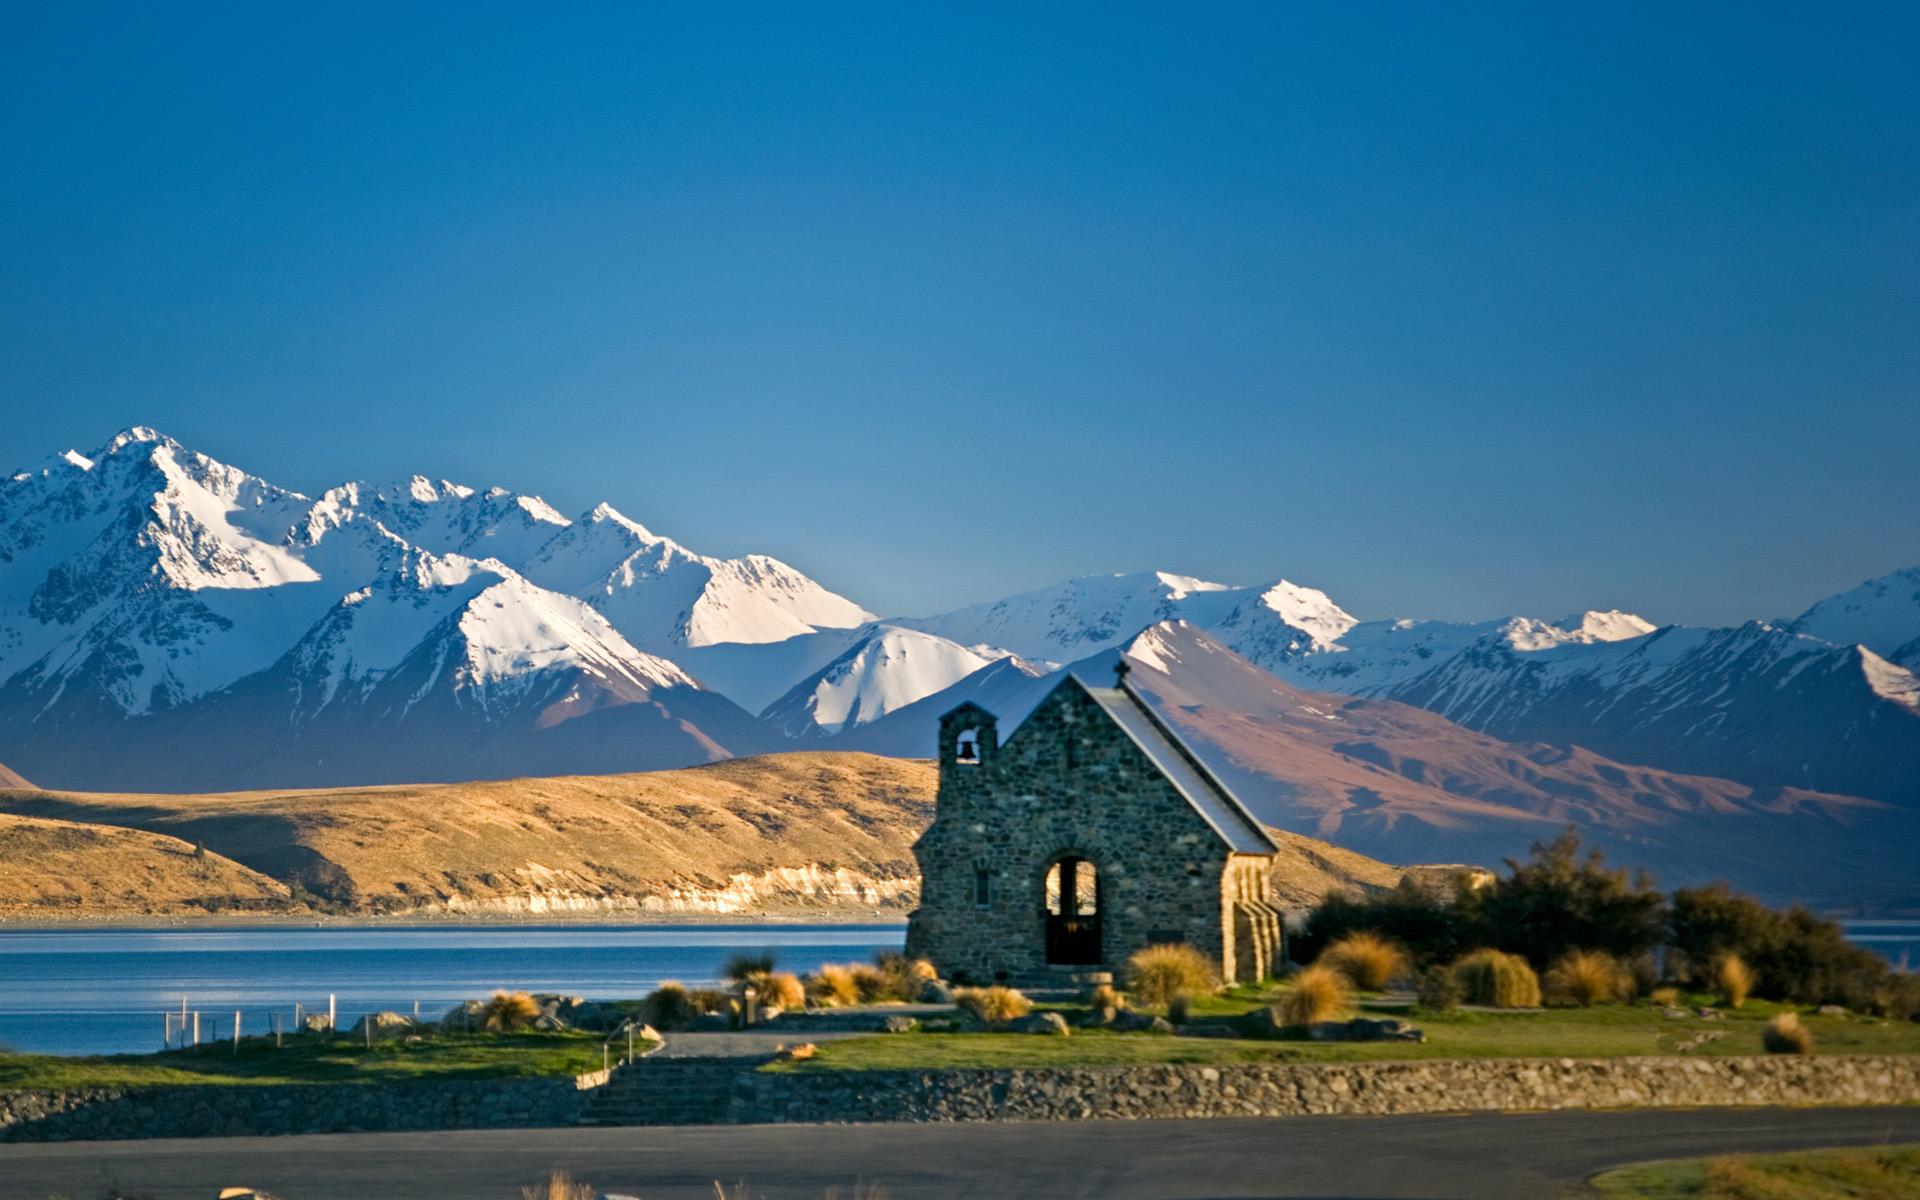 Scenic Travel New Zealand